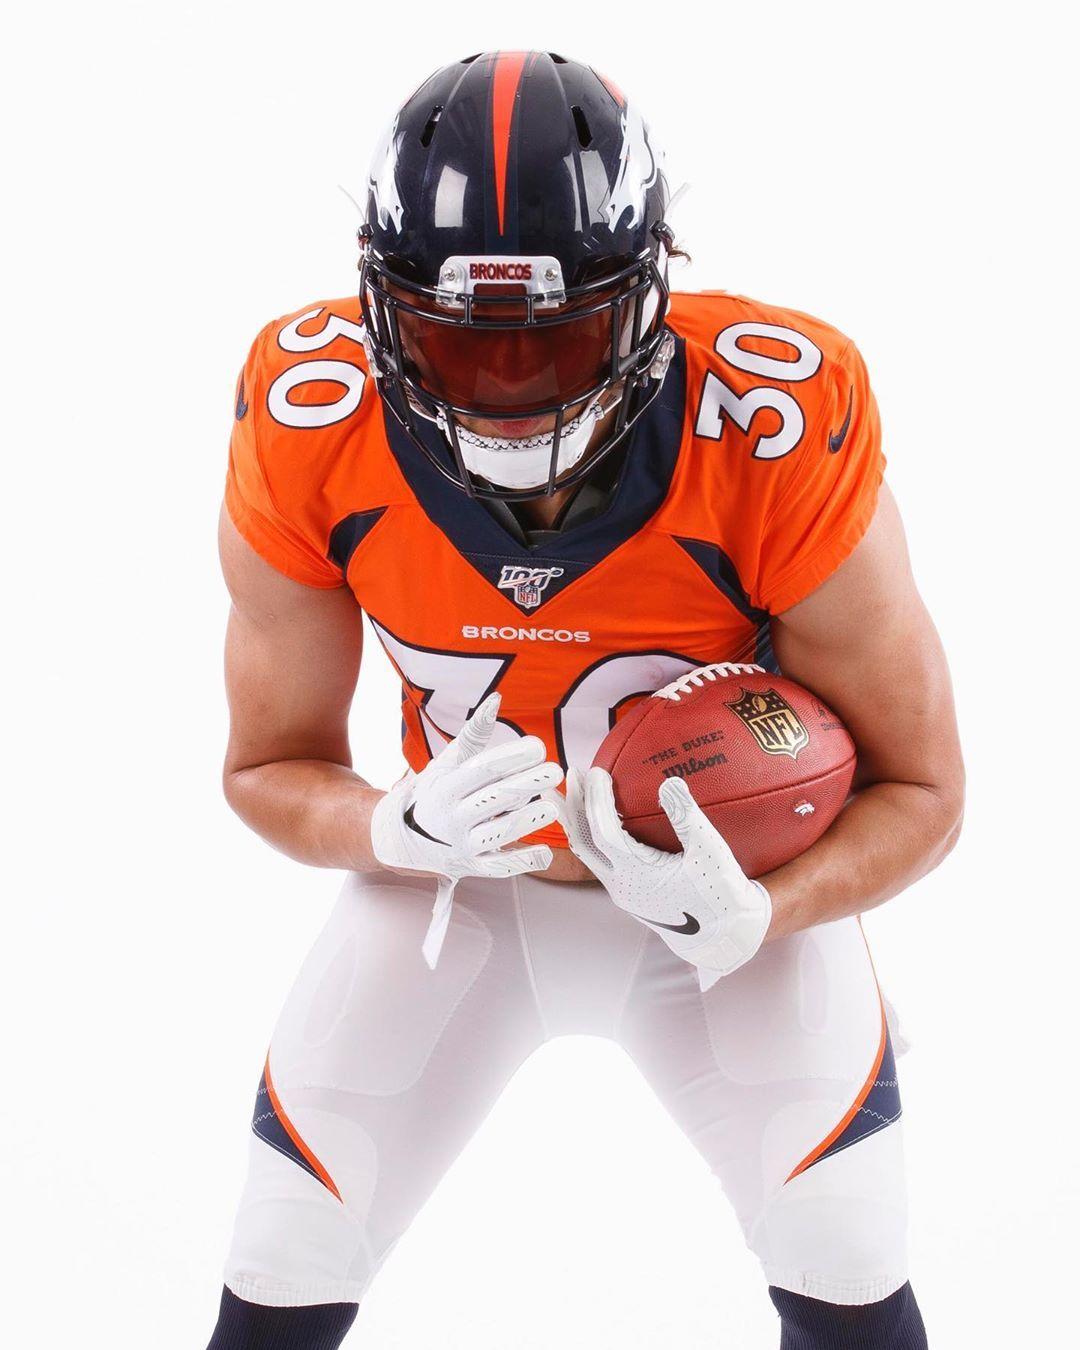 NFL Visor game gabrielchristus/broncos Denver